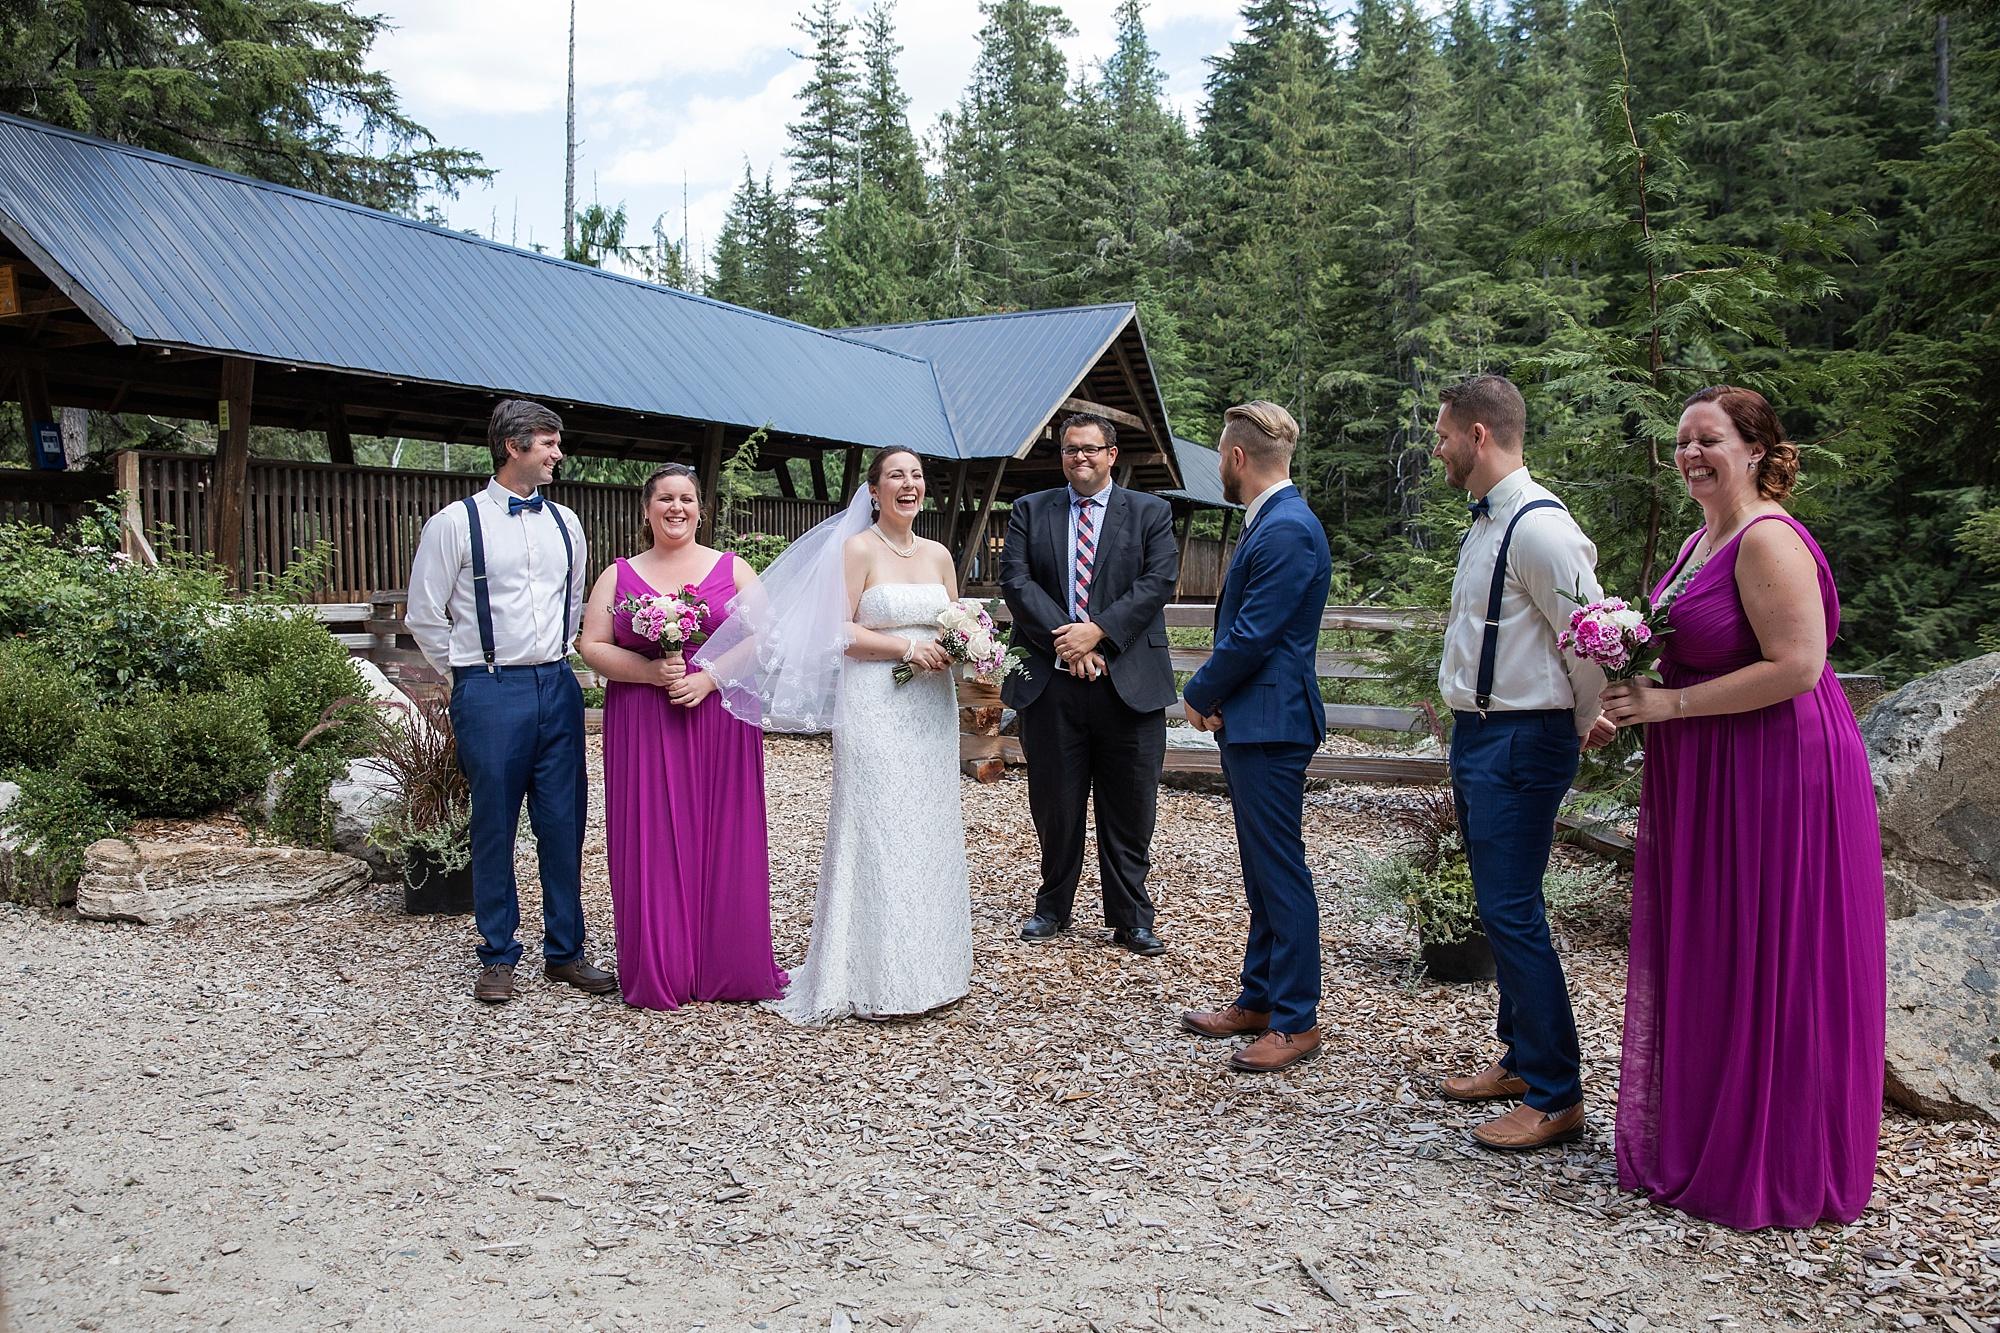 nakusp-wedding-photographer_0024.jpg